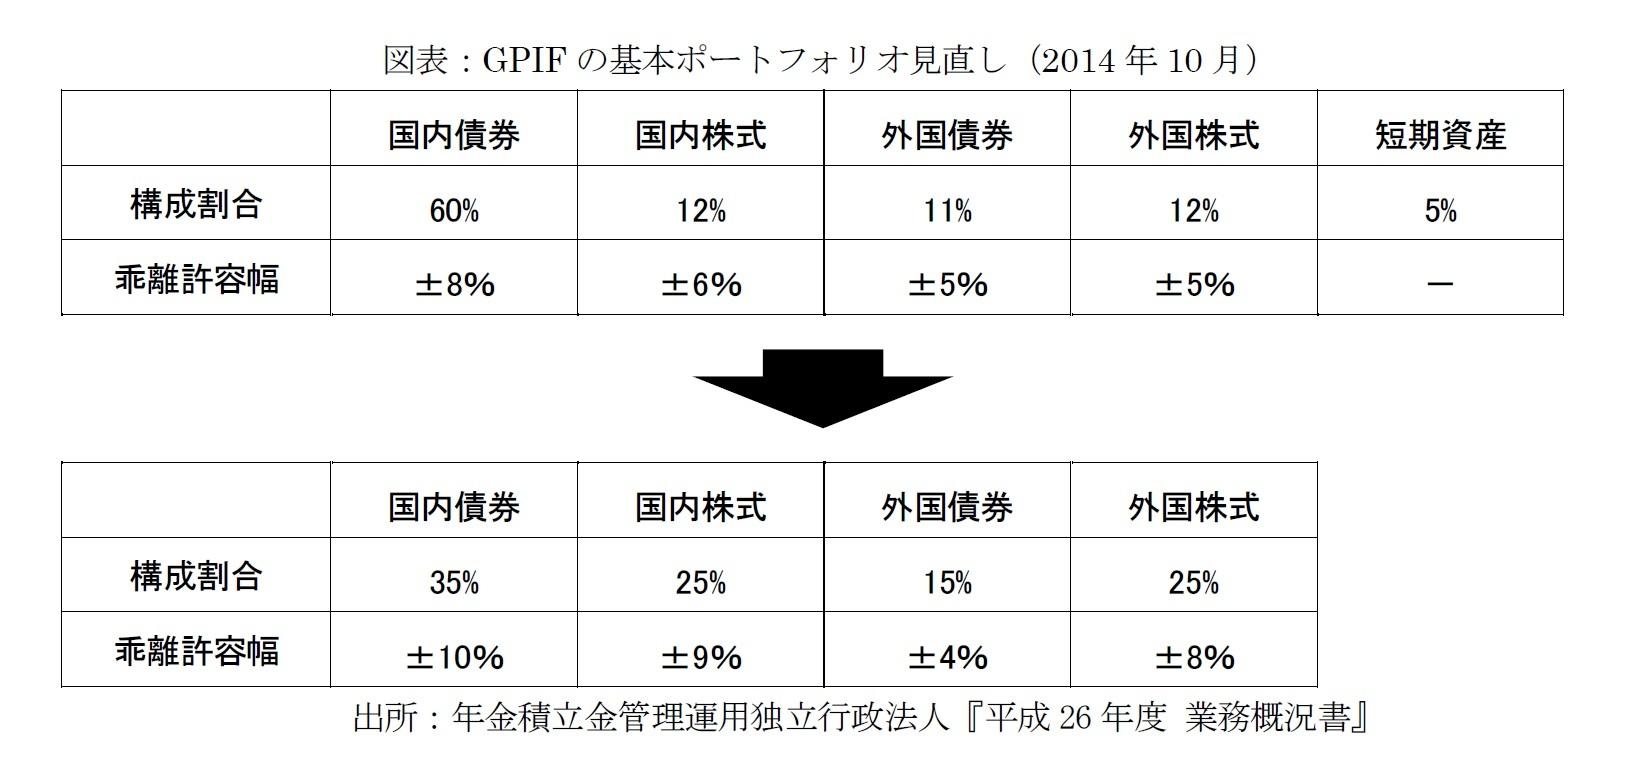 図表:GPIFの基本ポートフォリオ見直し(2014年10月)